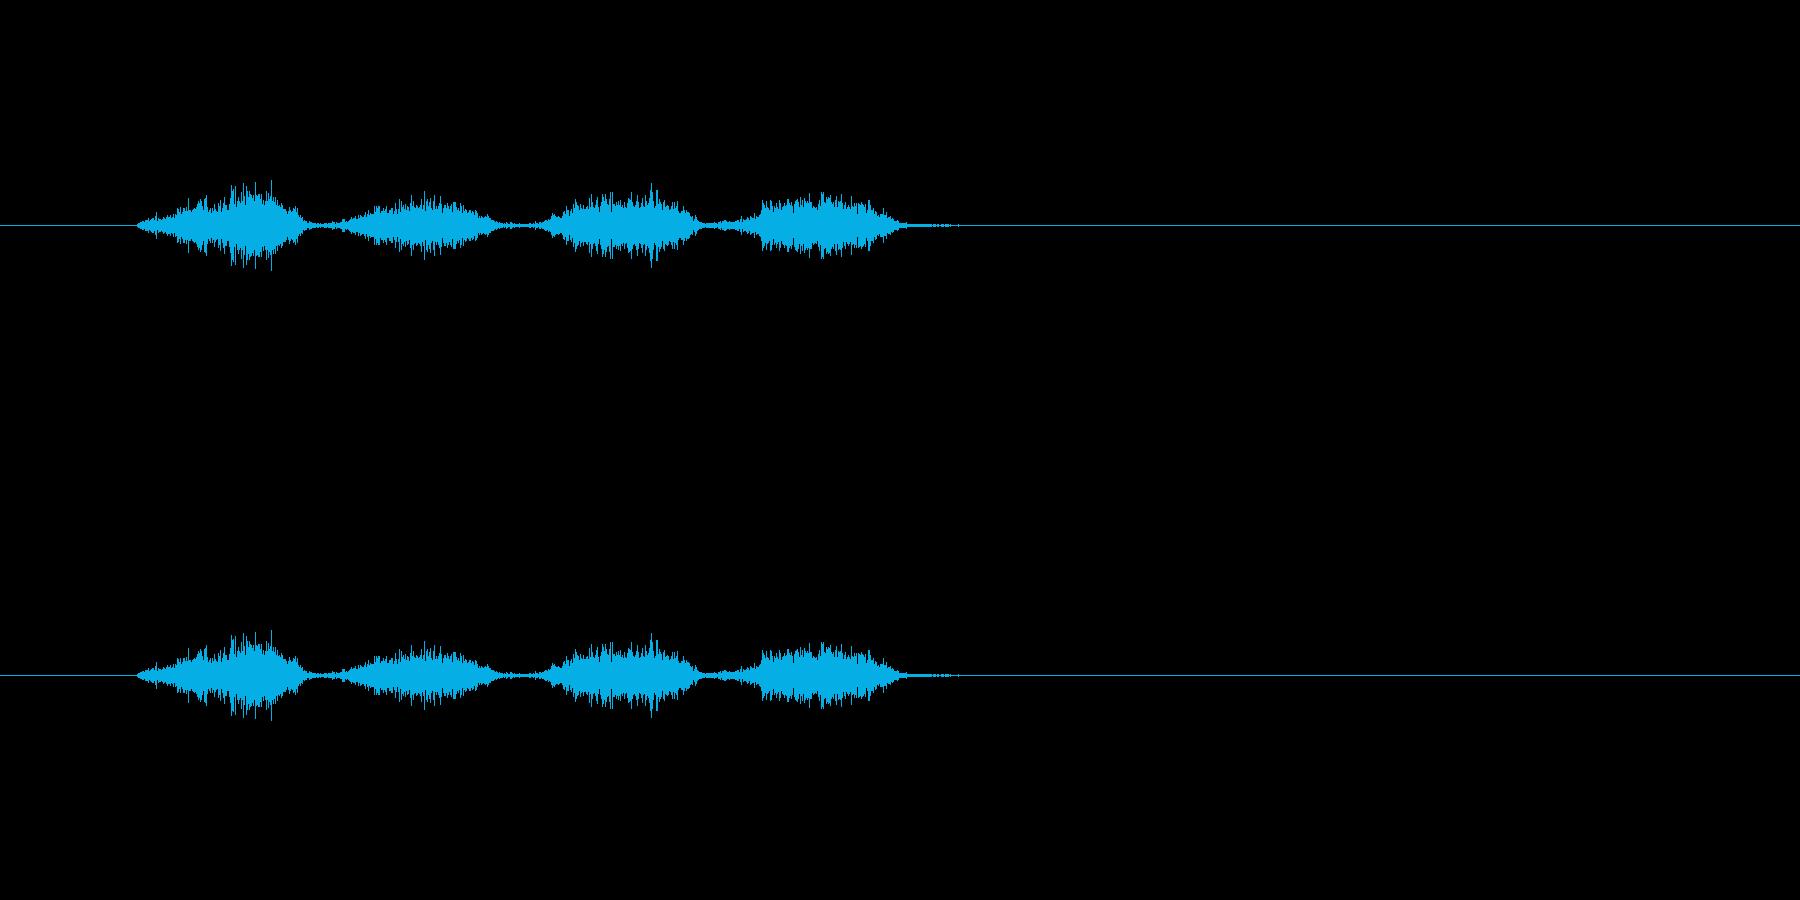 【消しゴム01-1(こする)】の再生済みの波形